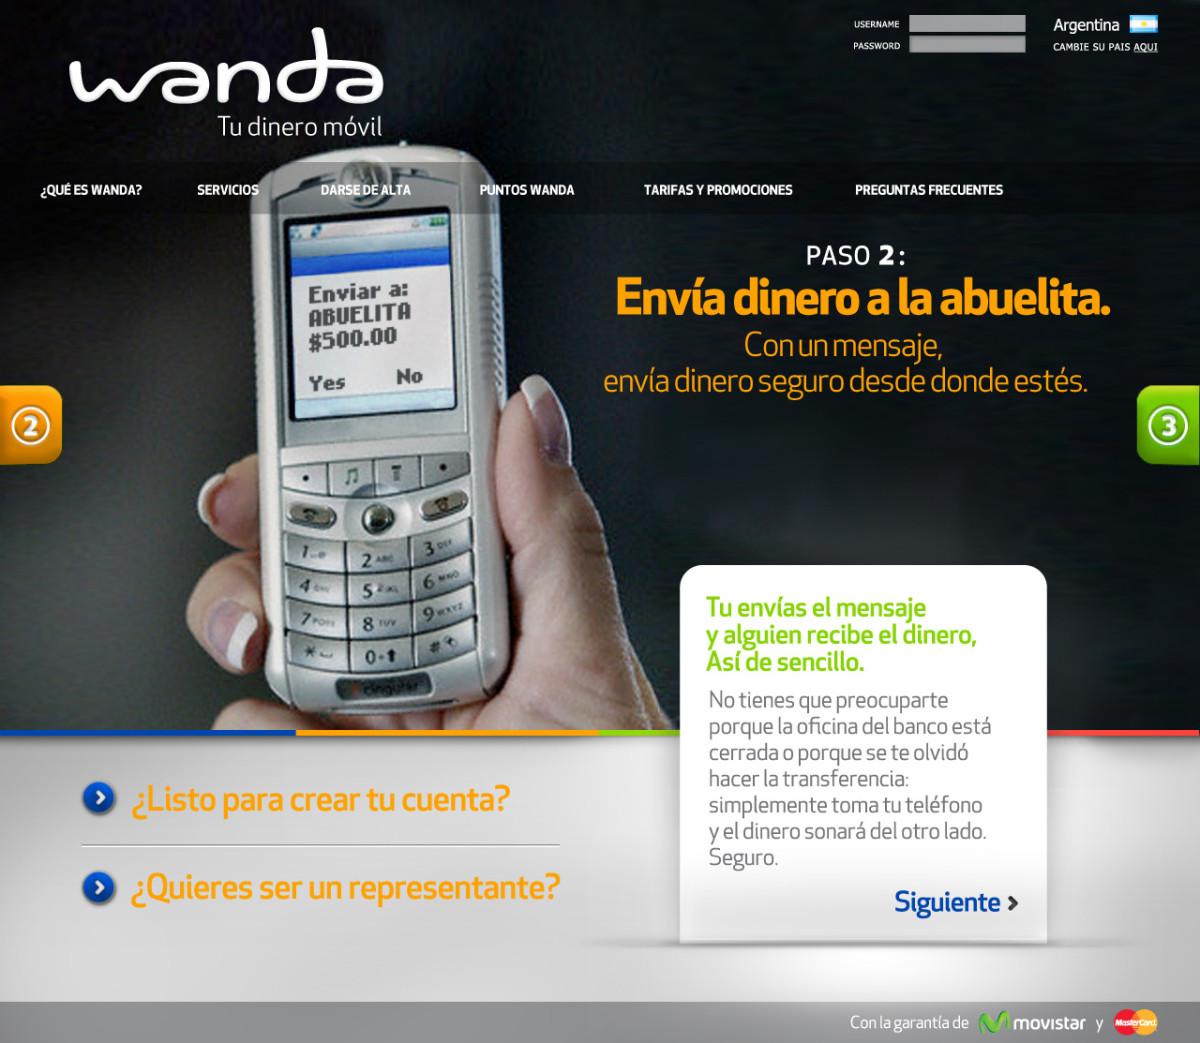 wanda_v2_2